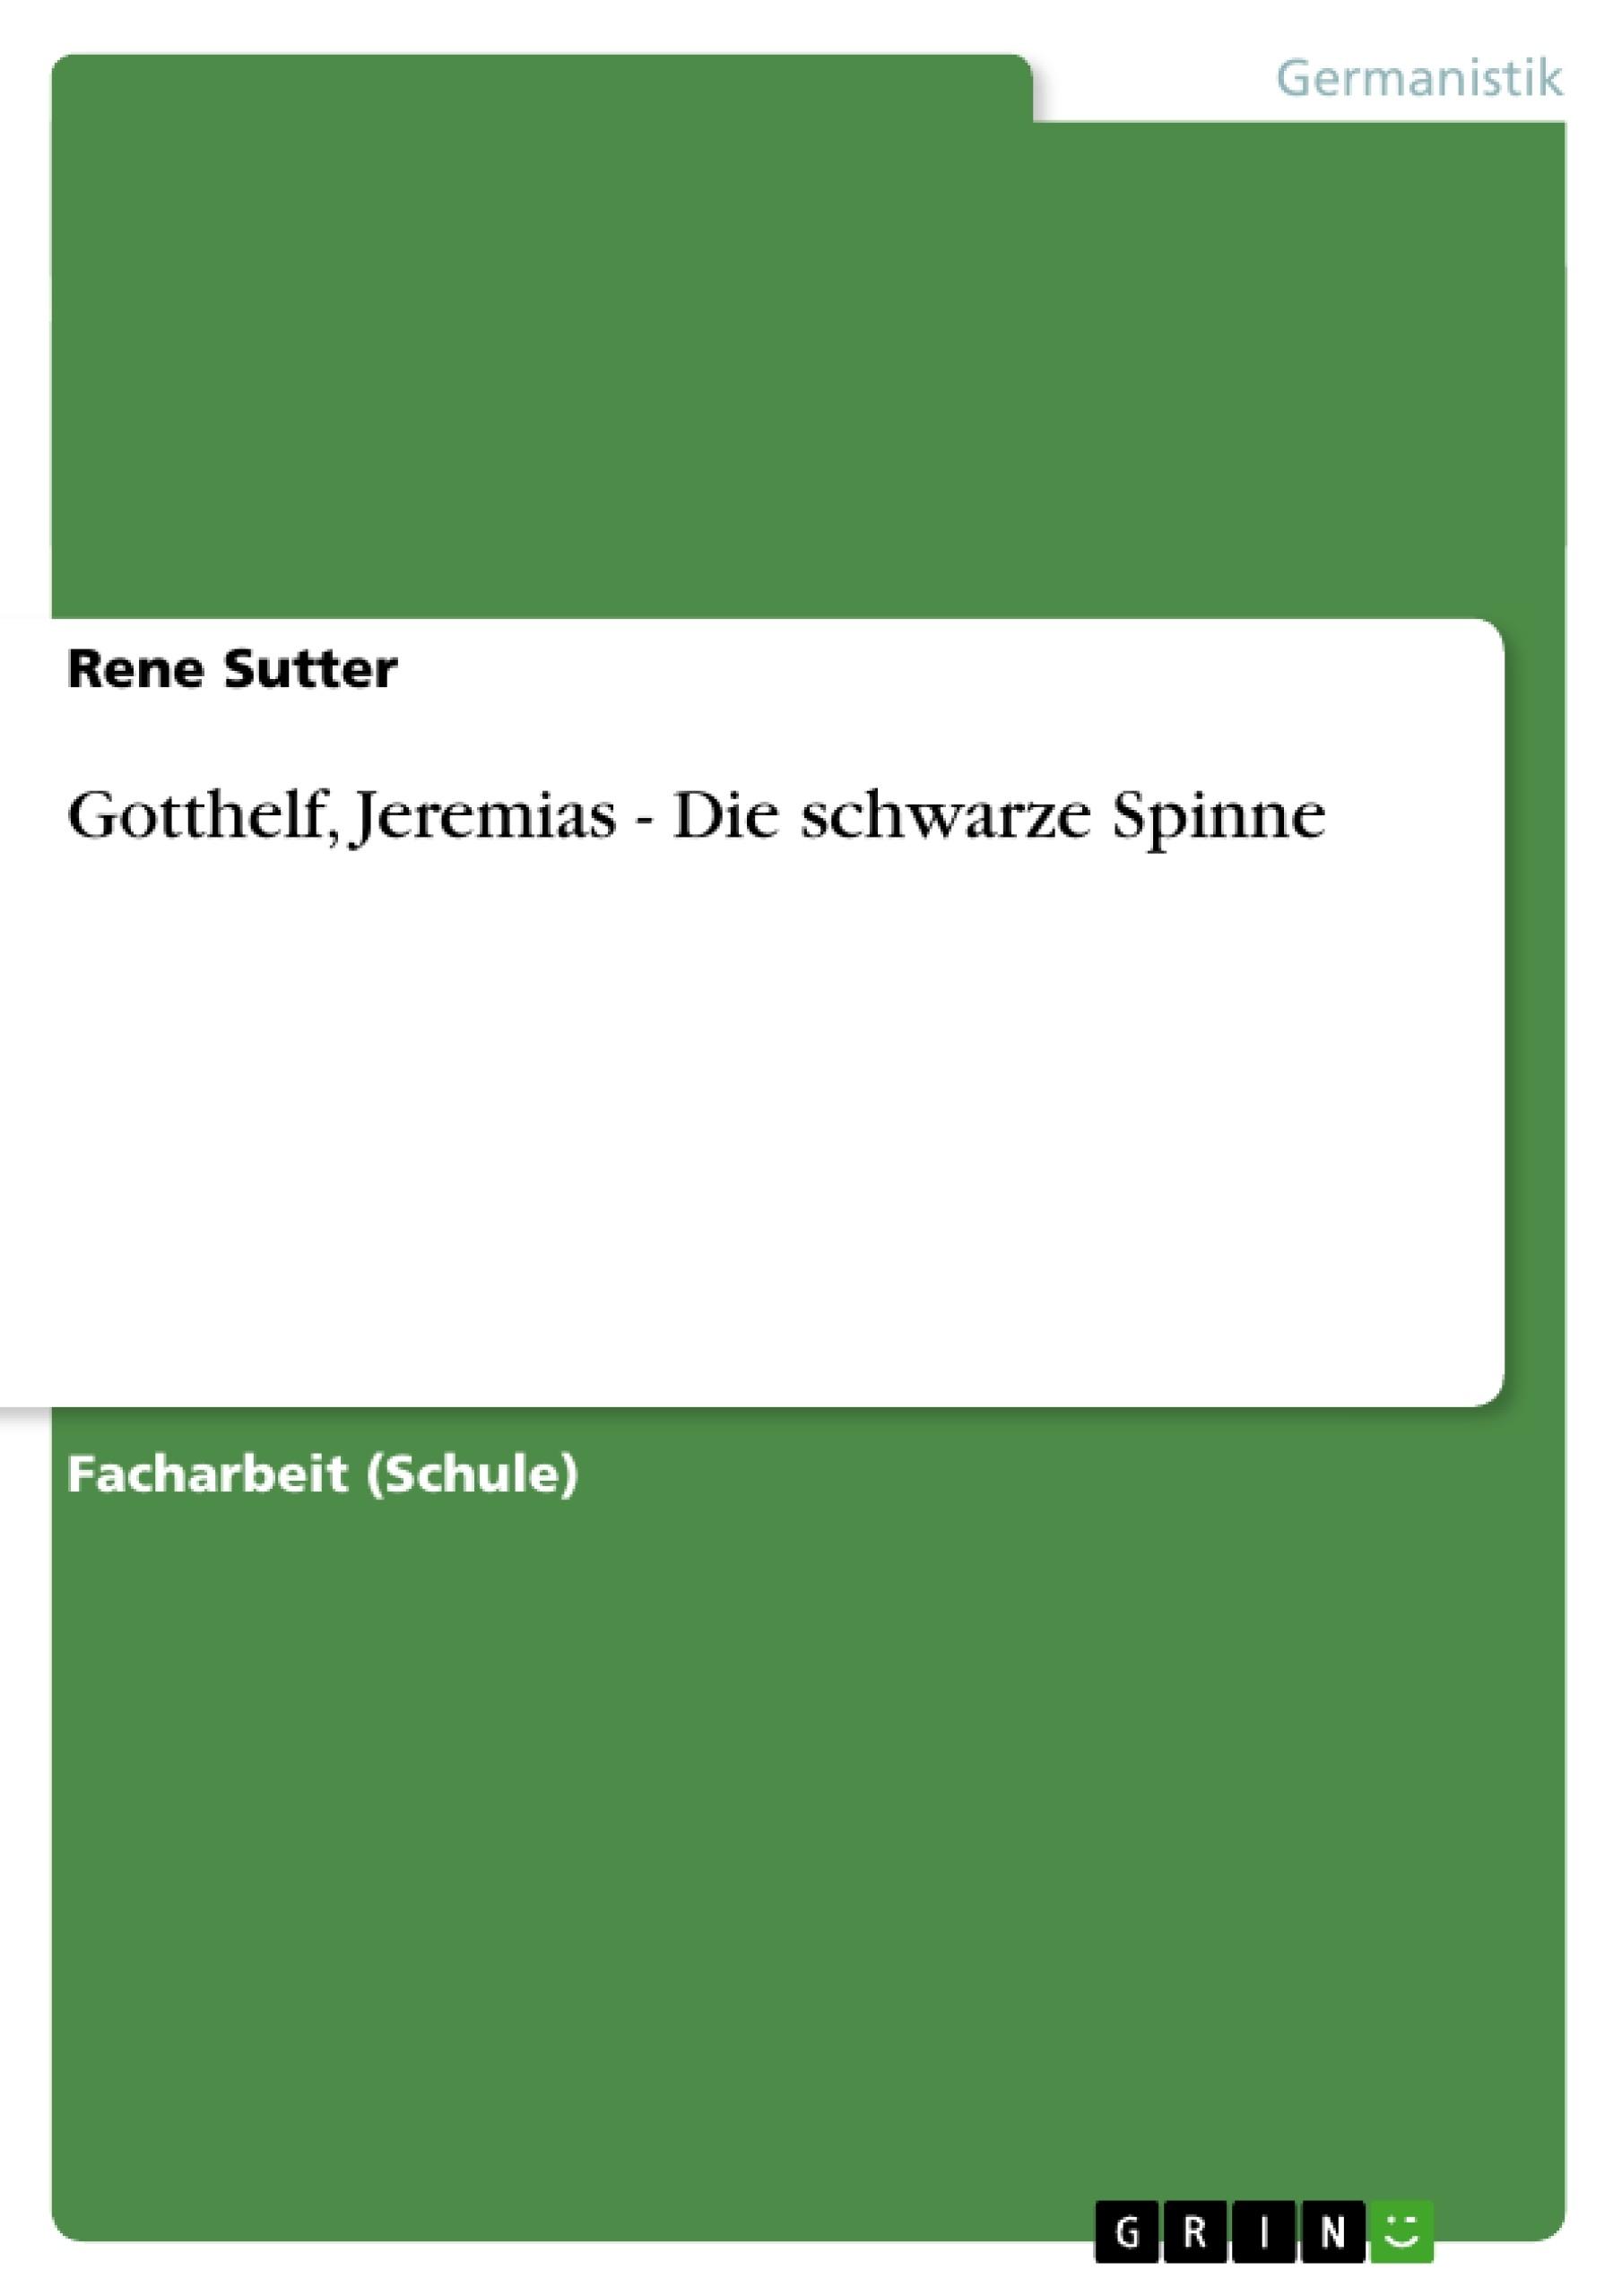 Titel: Gotthelf, Jeremias - Die schwarze Spinne